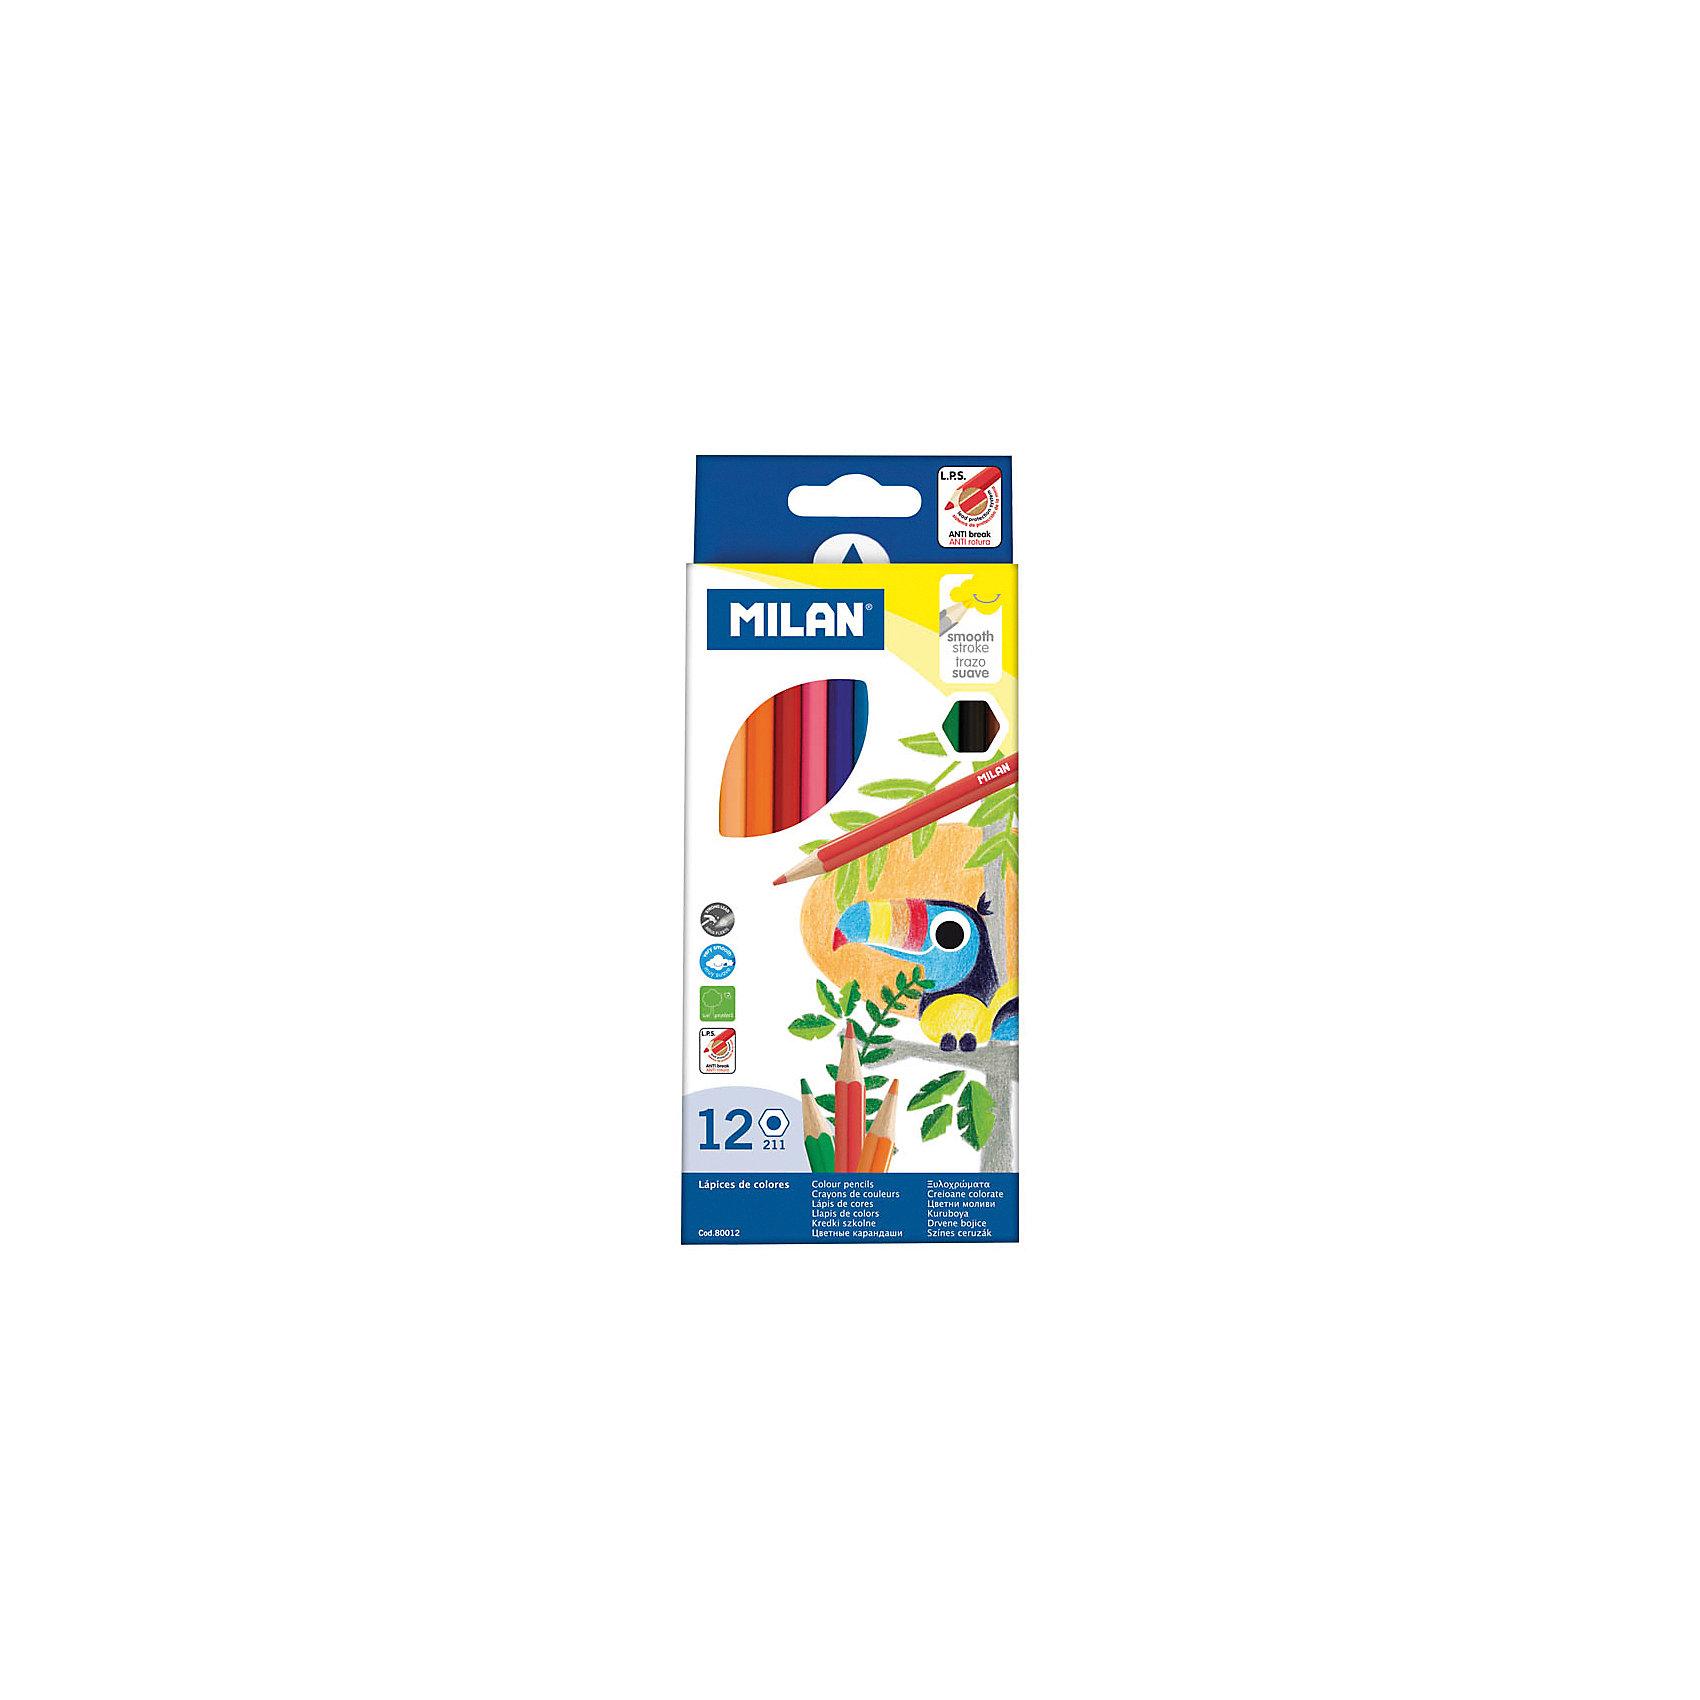 Карандаши 211 12 цветов MilanПисьменные принадлежности<br>Количество цветов: 12 <br>Материал корпуса: дерево<br>Диаметр корпуса: 6,4<br>Форма корпуса: шестигранная<br>Заточено: да<br>Длина: 174<br>Диаметр грифеля: 2,9<br>Упаковка ед. товара: картонная коробка<br>Ударопрочный грифель: да<br>Наличие европодвеса: есть<br>Наличие штрихкода на ед. товара: есть<br><br>Ширина мм: 85<br>Глубина мм: 8<br>Высота мм: 210<br>Вес г: 76<br>Возраст от месяцев: 36<br>Возраст до месяцев: 2147483647<br>Пол: Унисекс<br>Возраст: Детский<br>SKU: 7044181